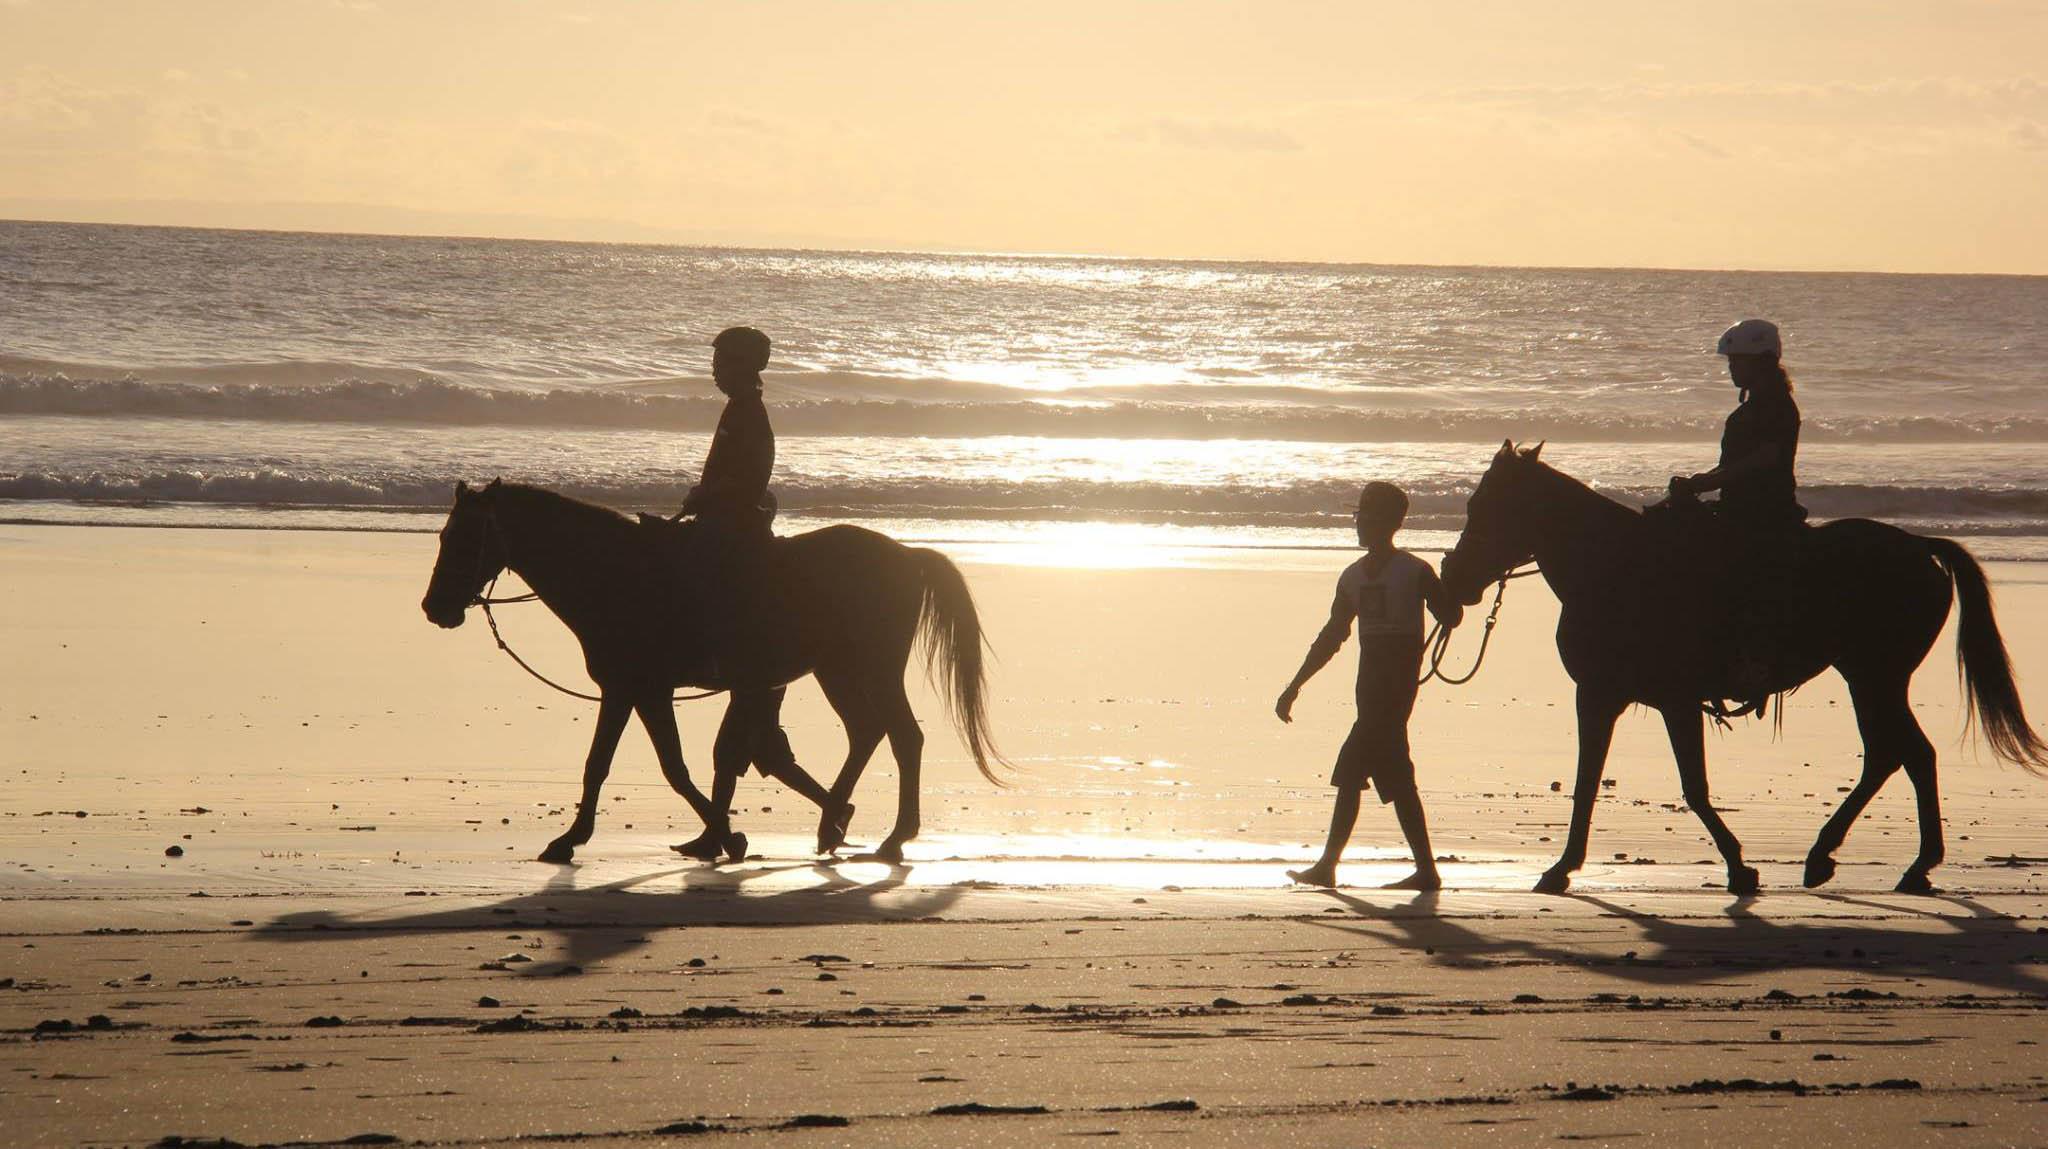 Bali-Island-Horse